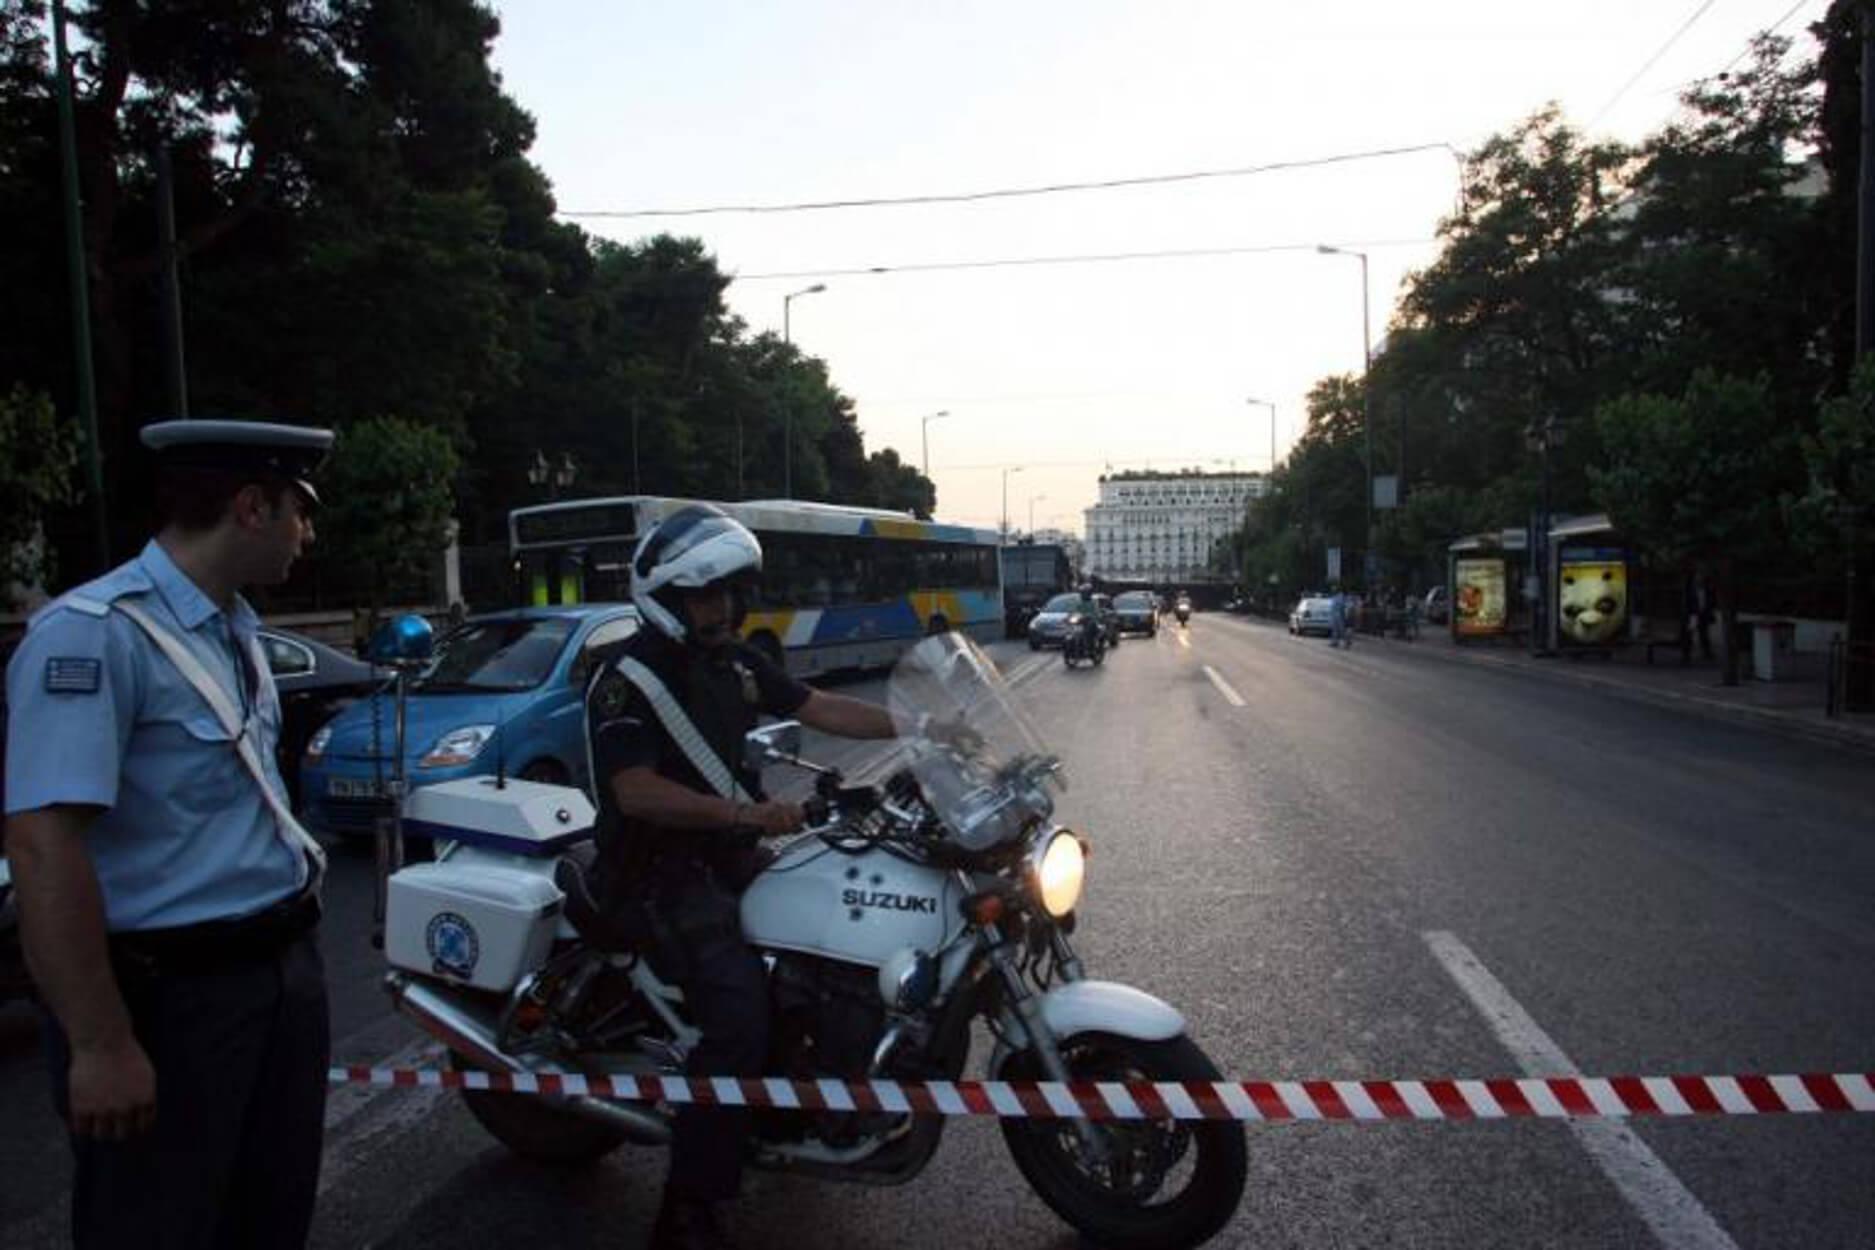 Έκτακτες κυκλοφοριακές ρυθμίσεις στο κέντρο της Αθήνας – Ποιοι δρόμοι θα είναι κλειστοί